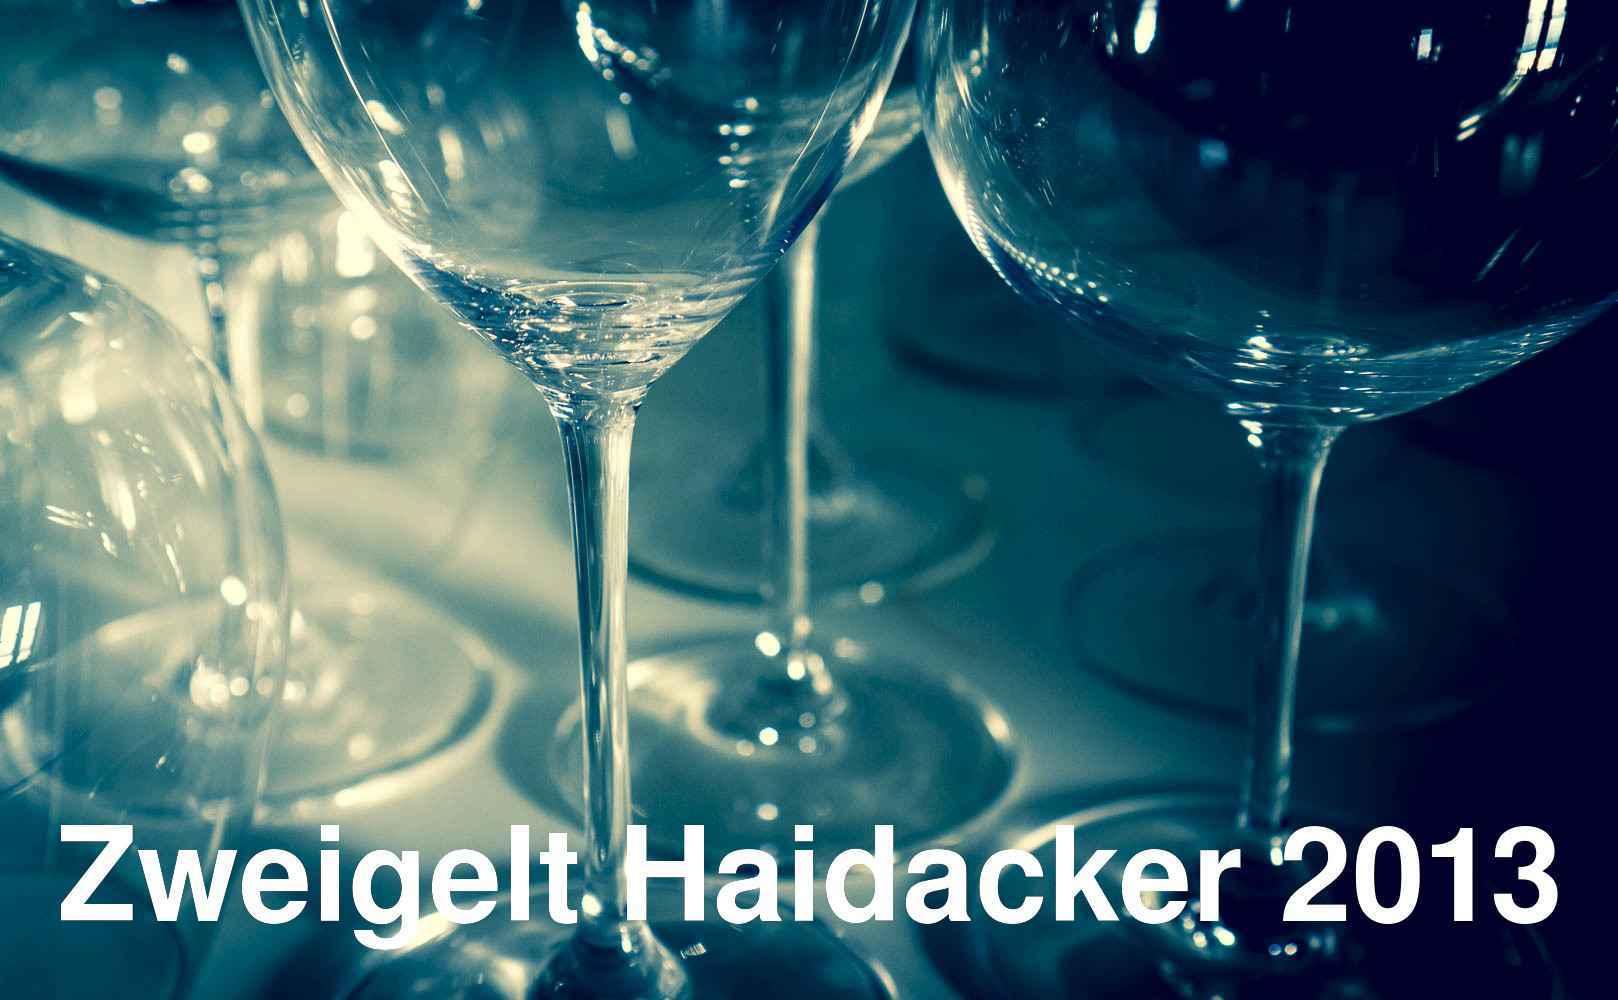 Zweigelt Haidacker 2013 von Weingut Netzl aus Carnuntum, Österreich